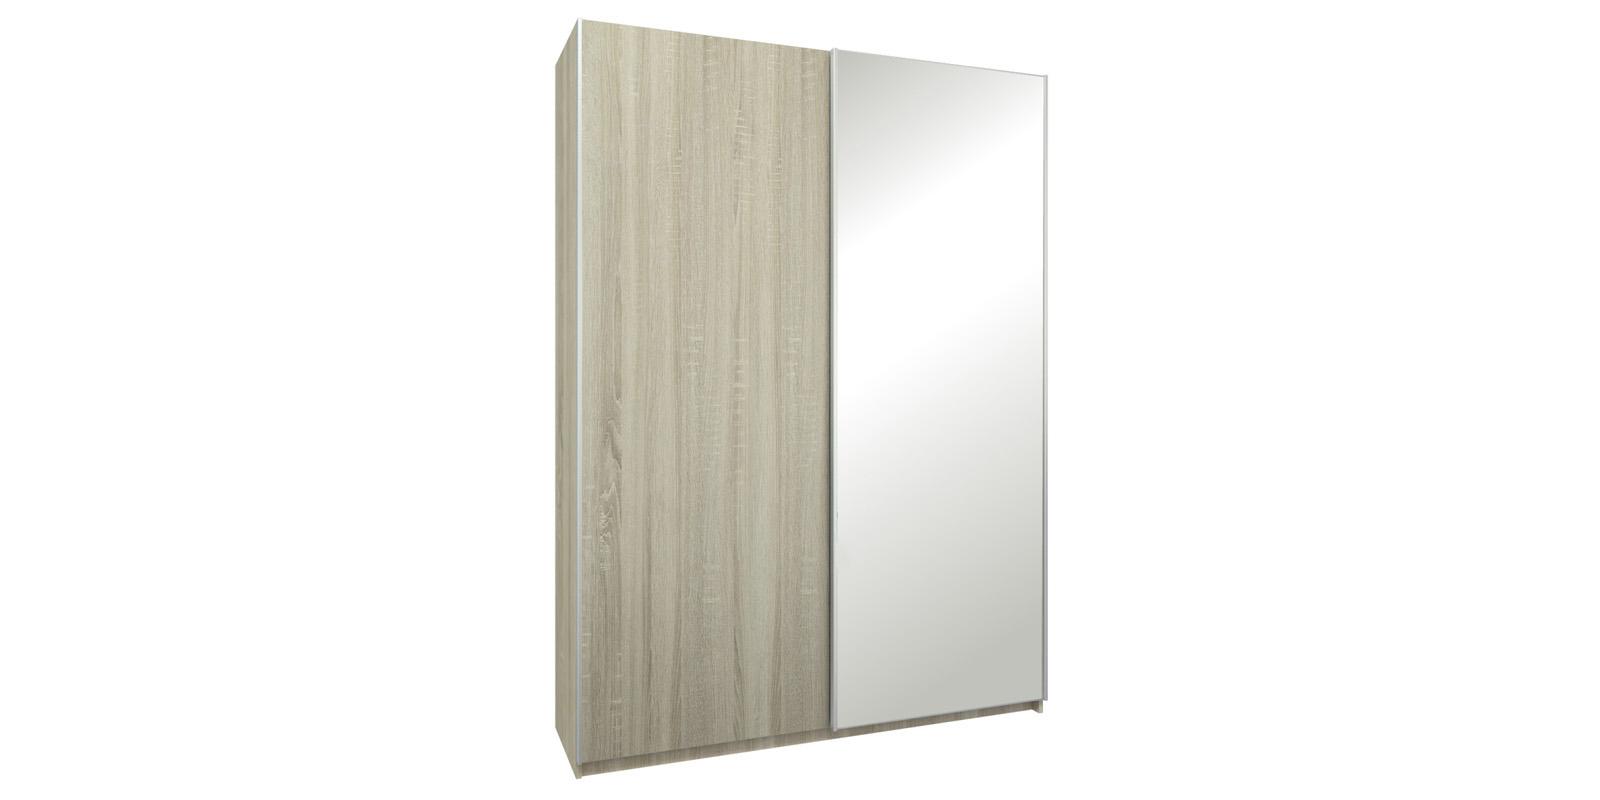 Шкаф-купе двухдверный Лофт 165 см (дуб сонома/зеркало)